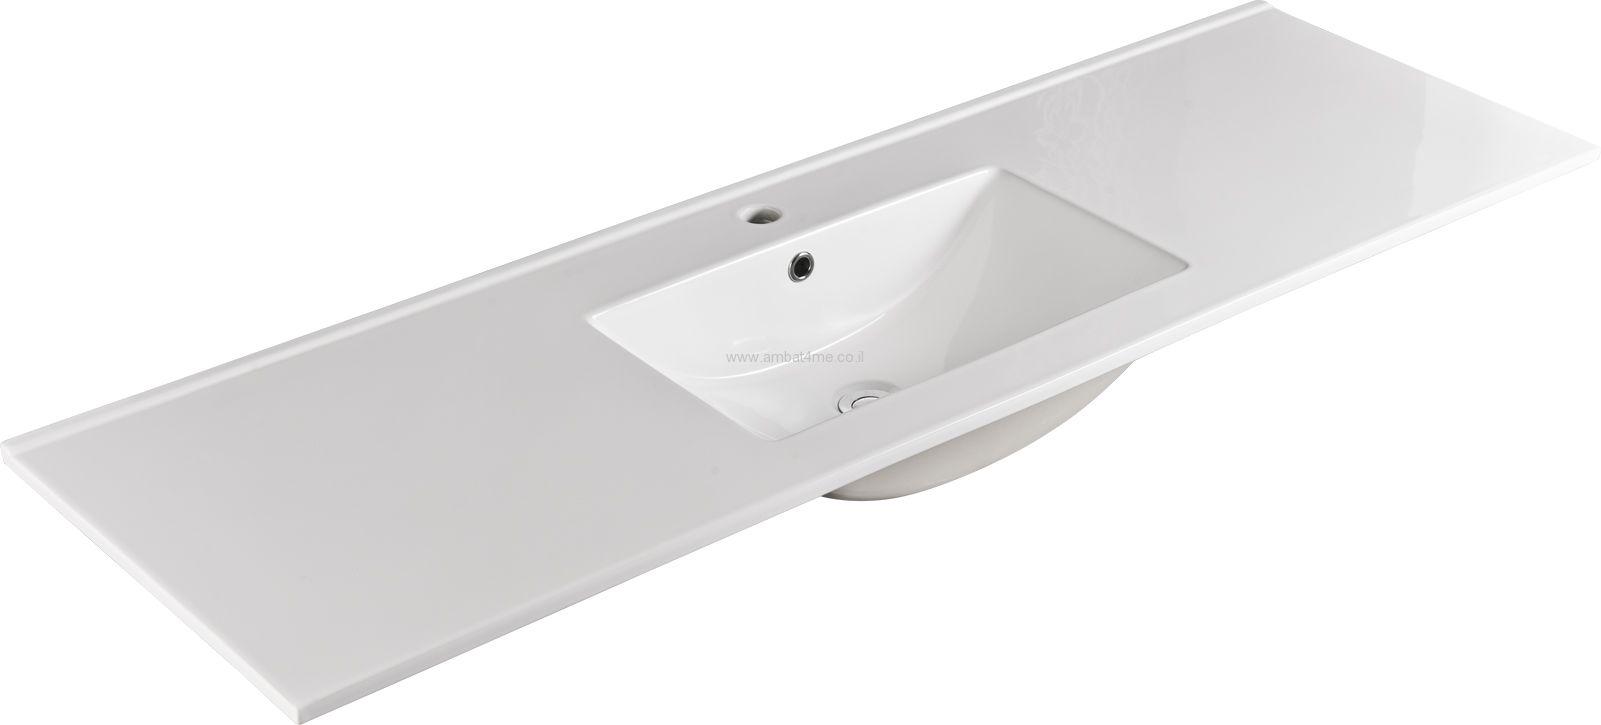 כיור חרס לאמבטיה 150-47 של חברת AMBAT .